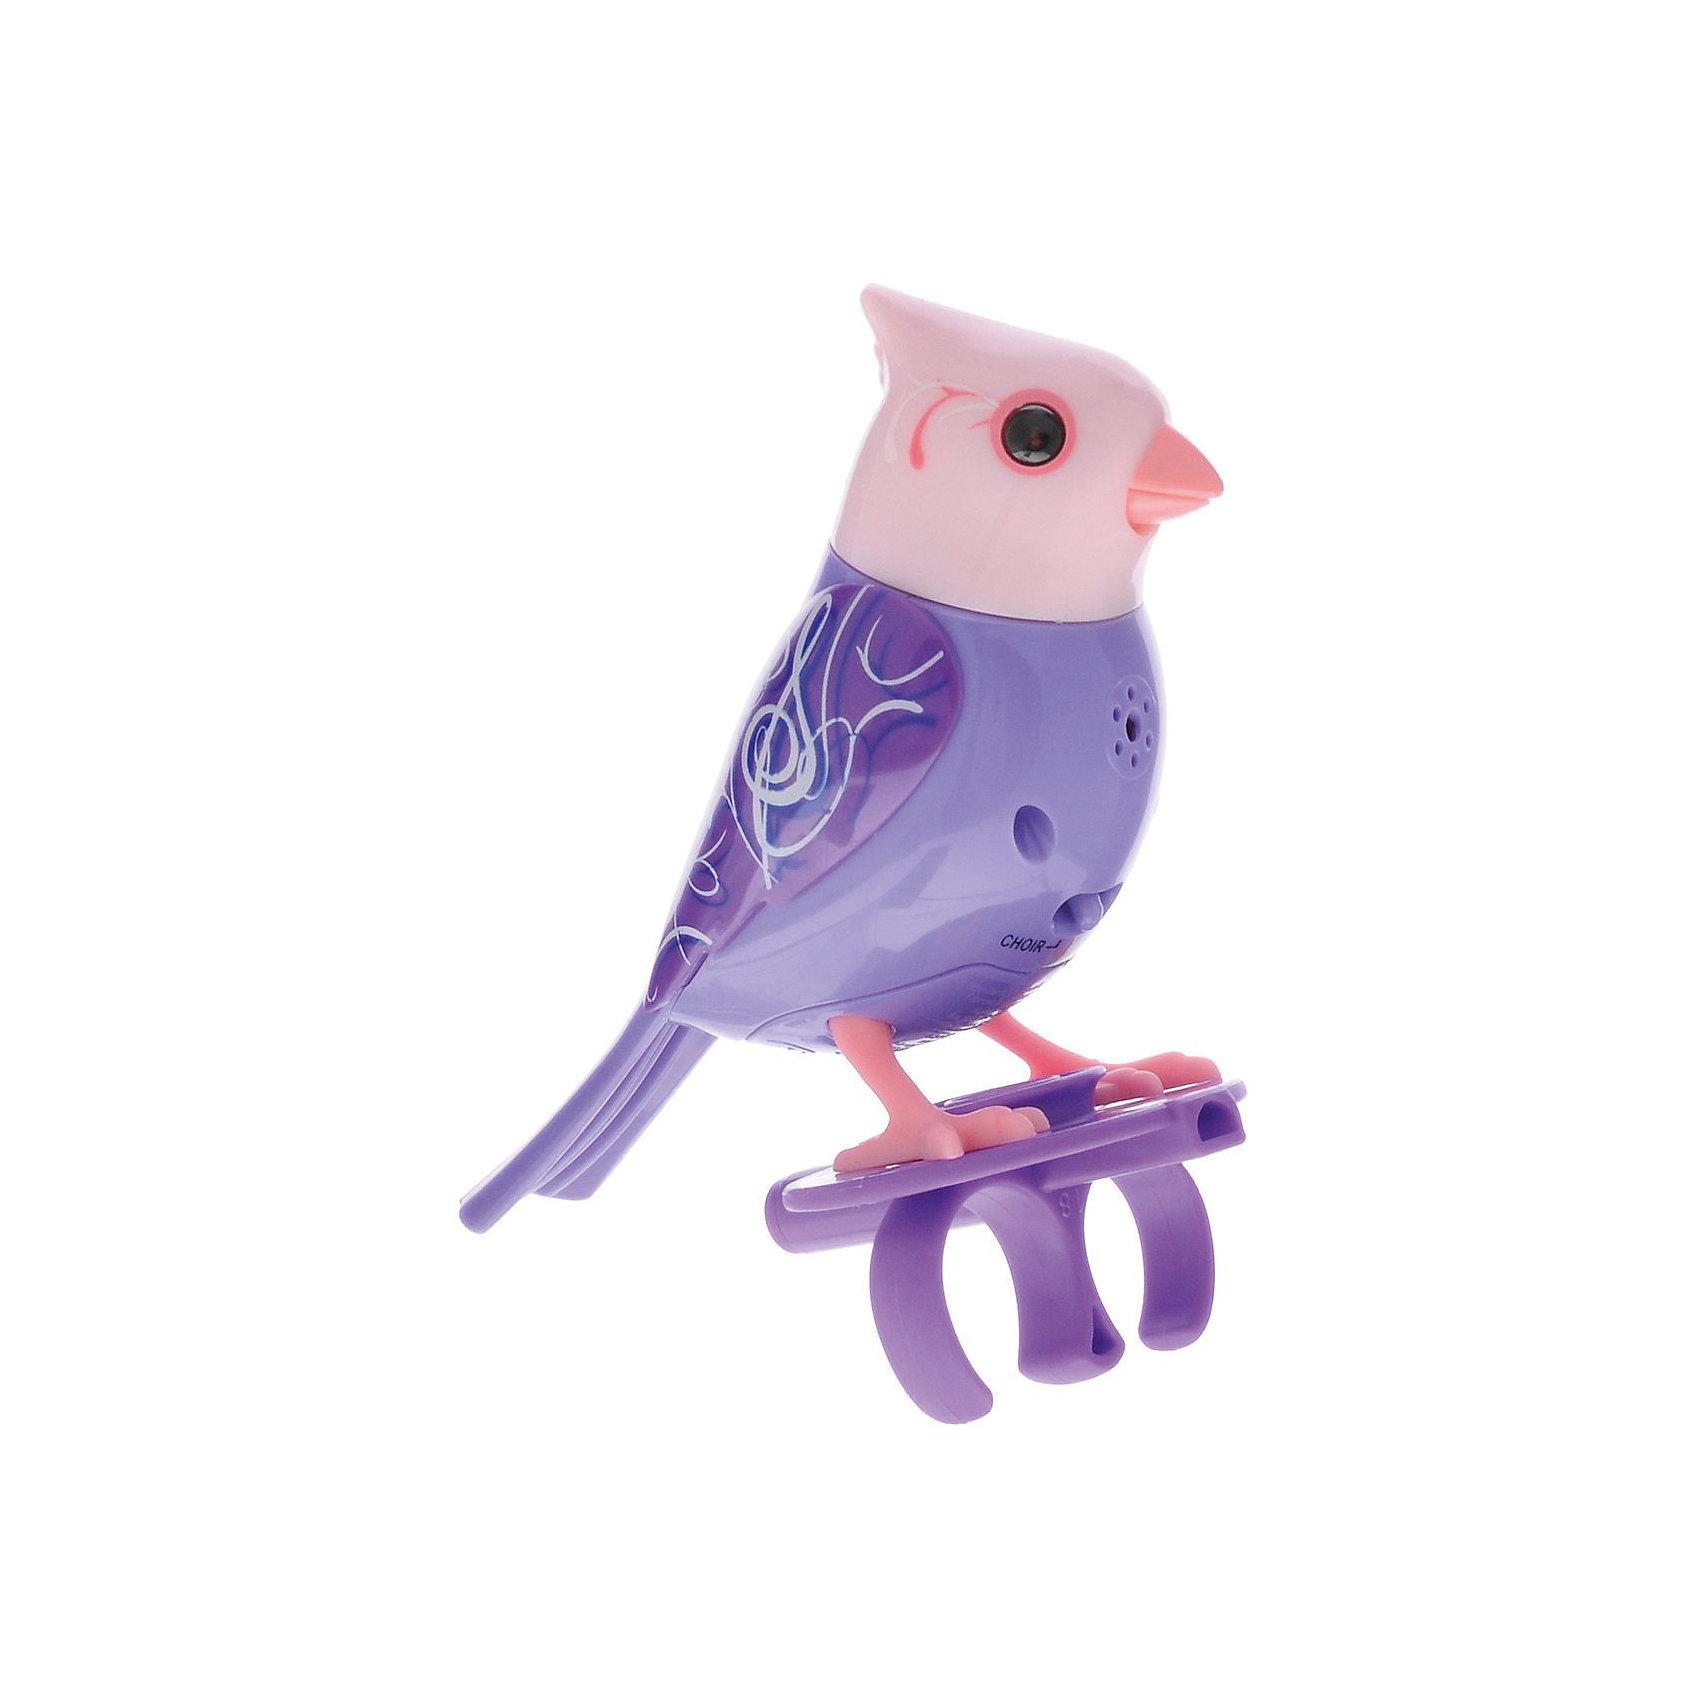 Silverlit Поющая птичка с кольцом, сиреневая, DigiBirds цены онлайн